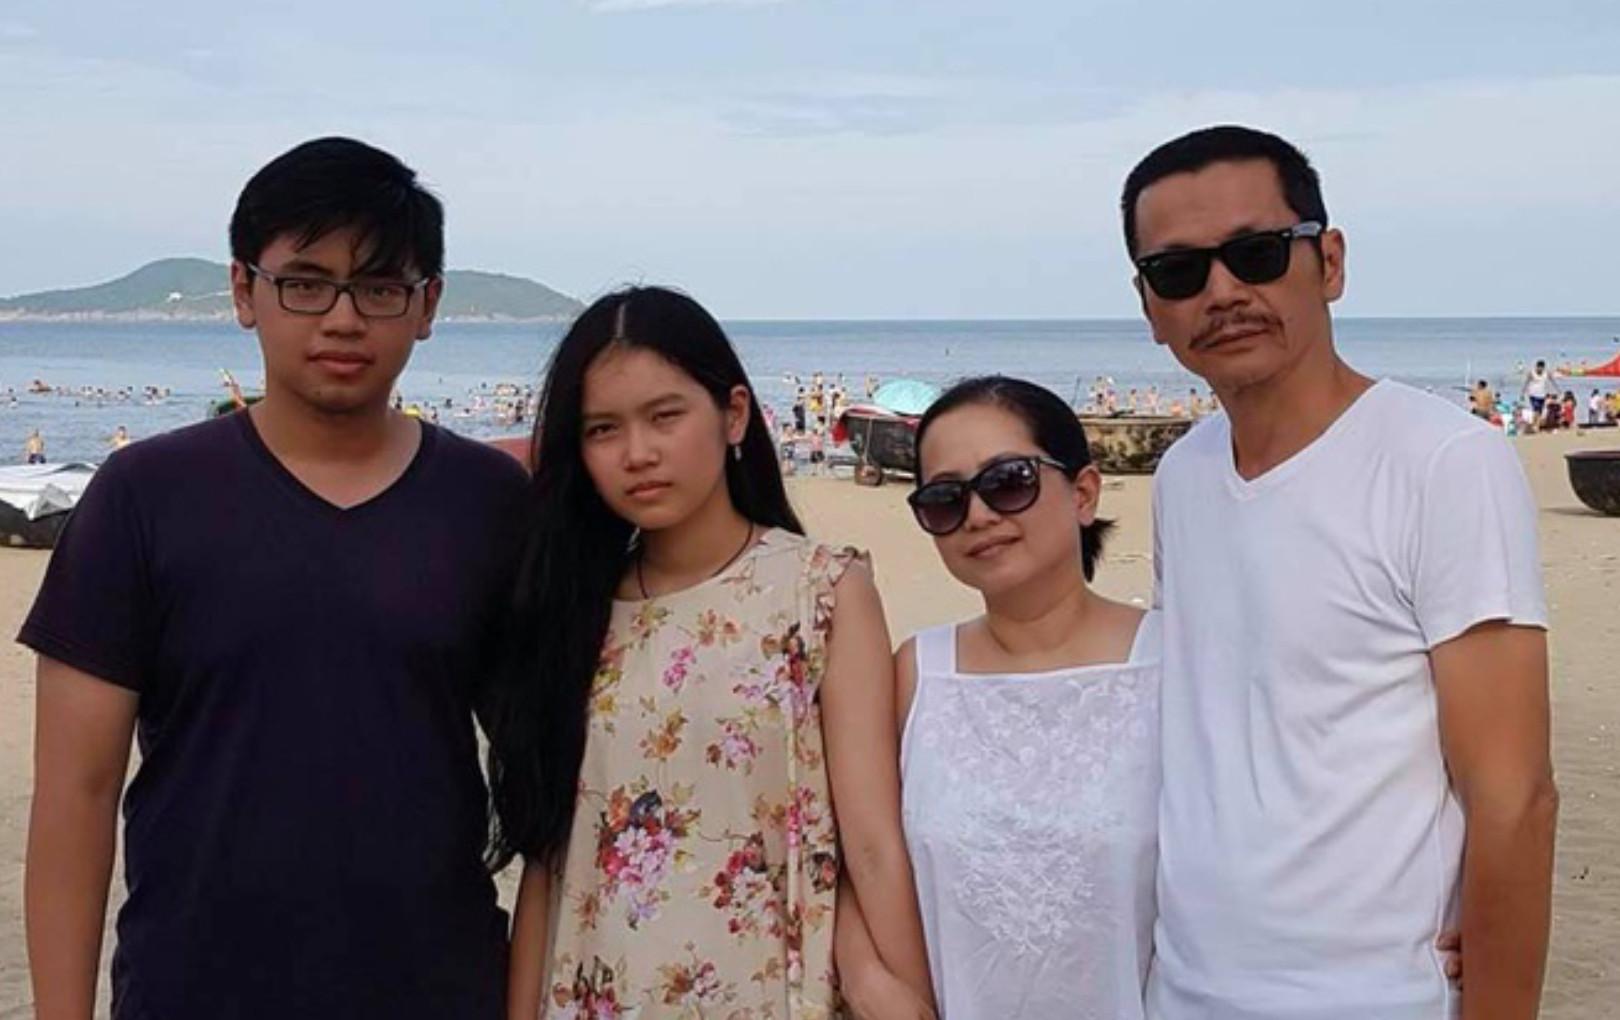 """Xúc động trước tâm thư của bố Sơn """"Về nhà đi con"""" nhắn gửi con trai đang mắc kẹt ở Thái Lan vì dịch COVID-19"""